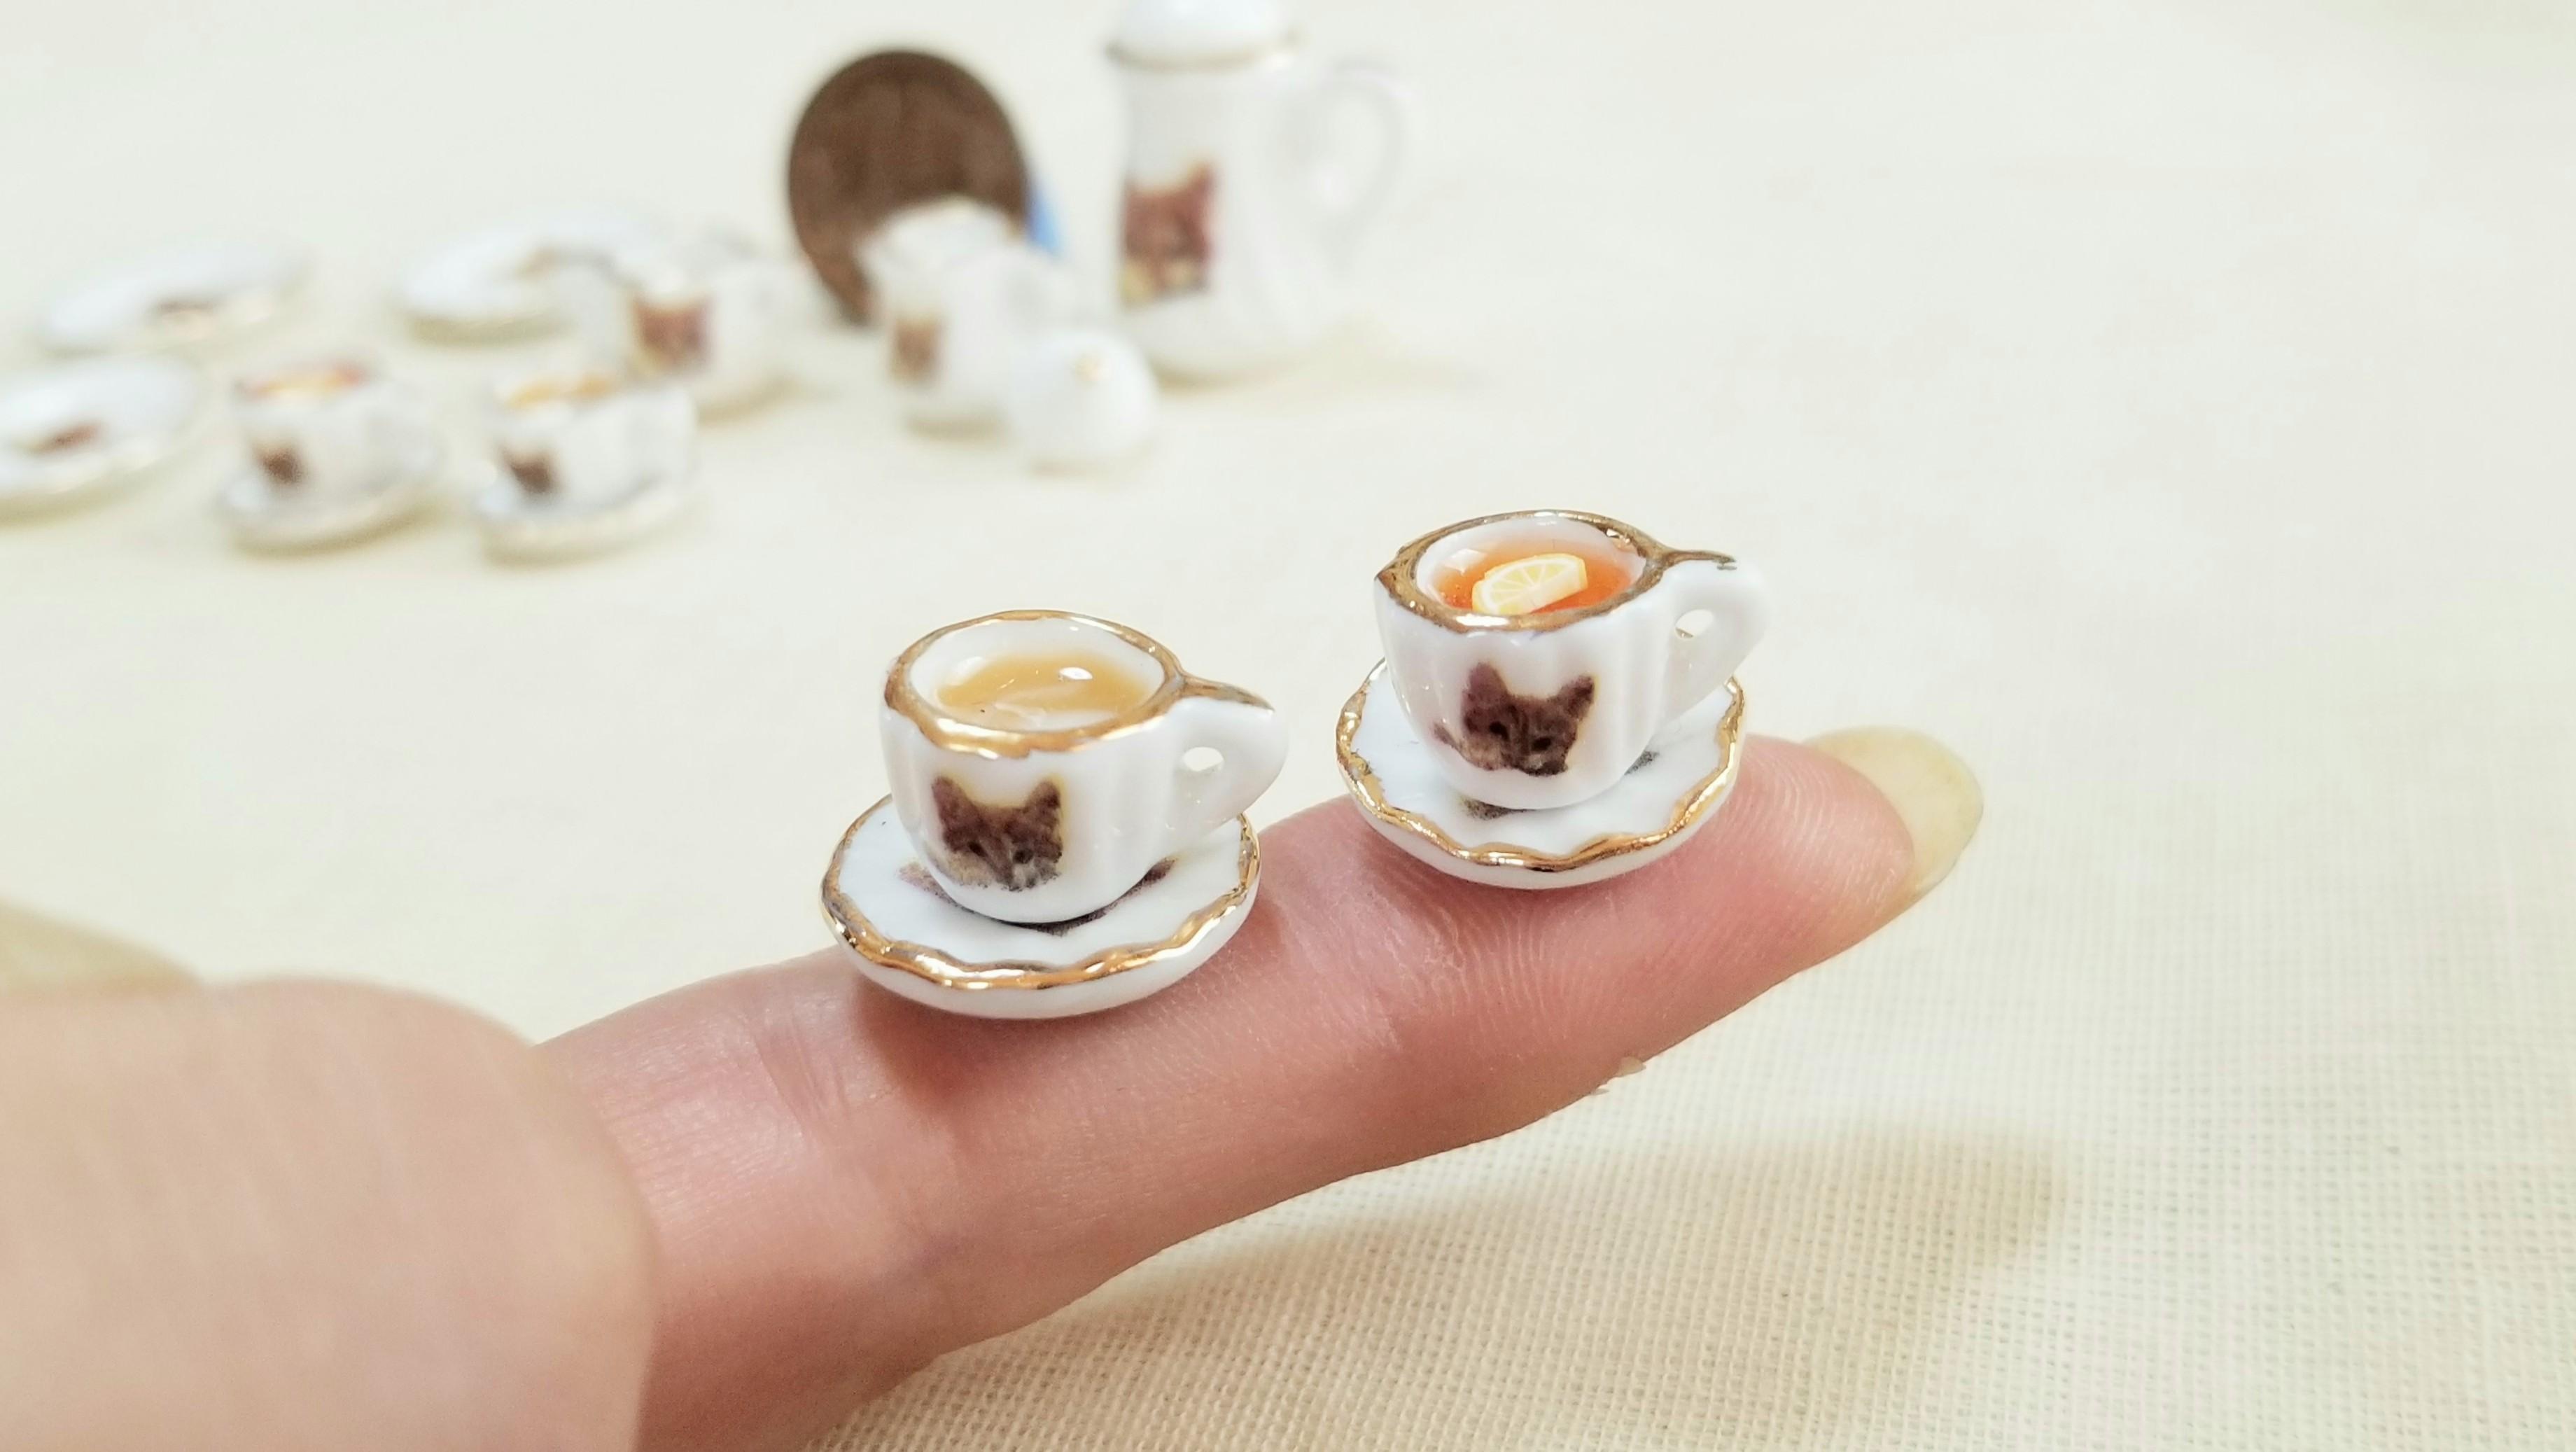 かわいい陶器のティーカップマグ猫柄にゃんこドリンク飲み物おいしい